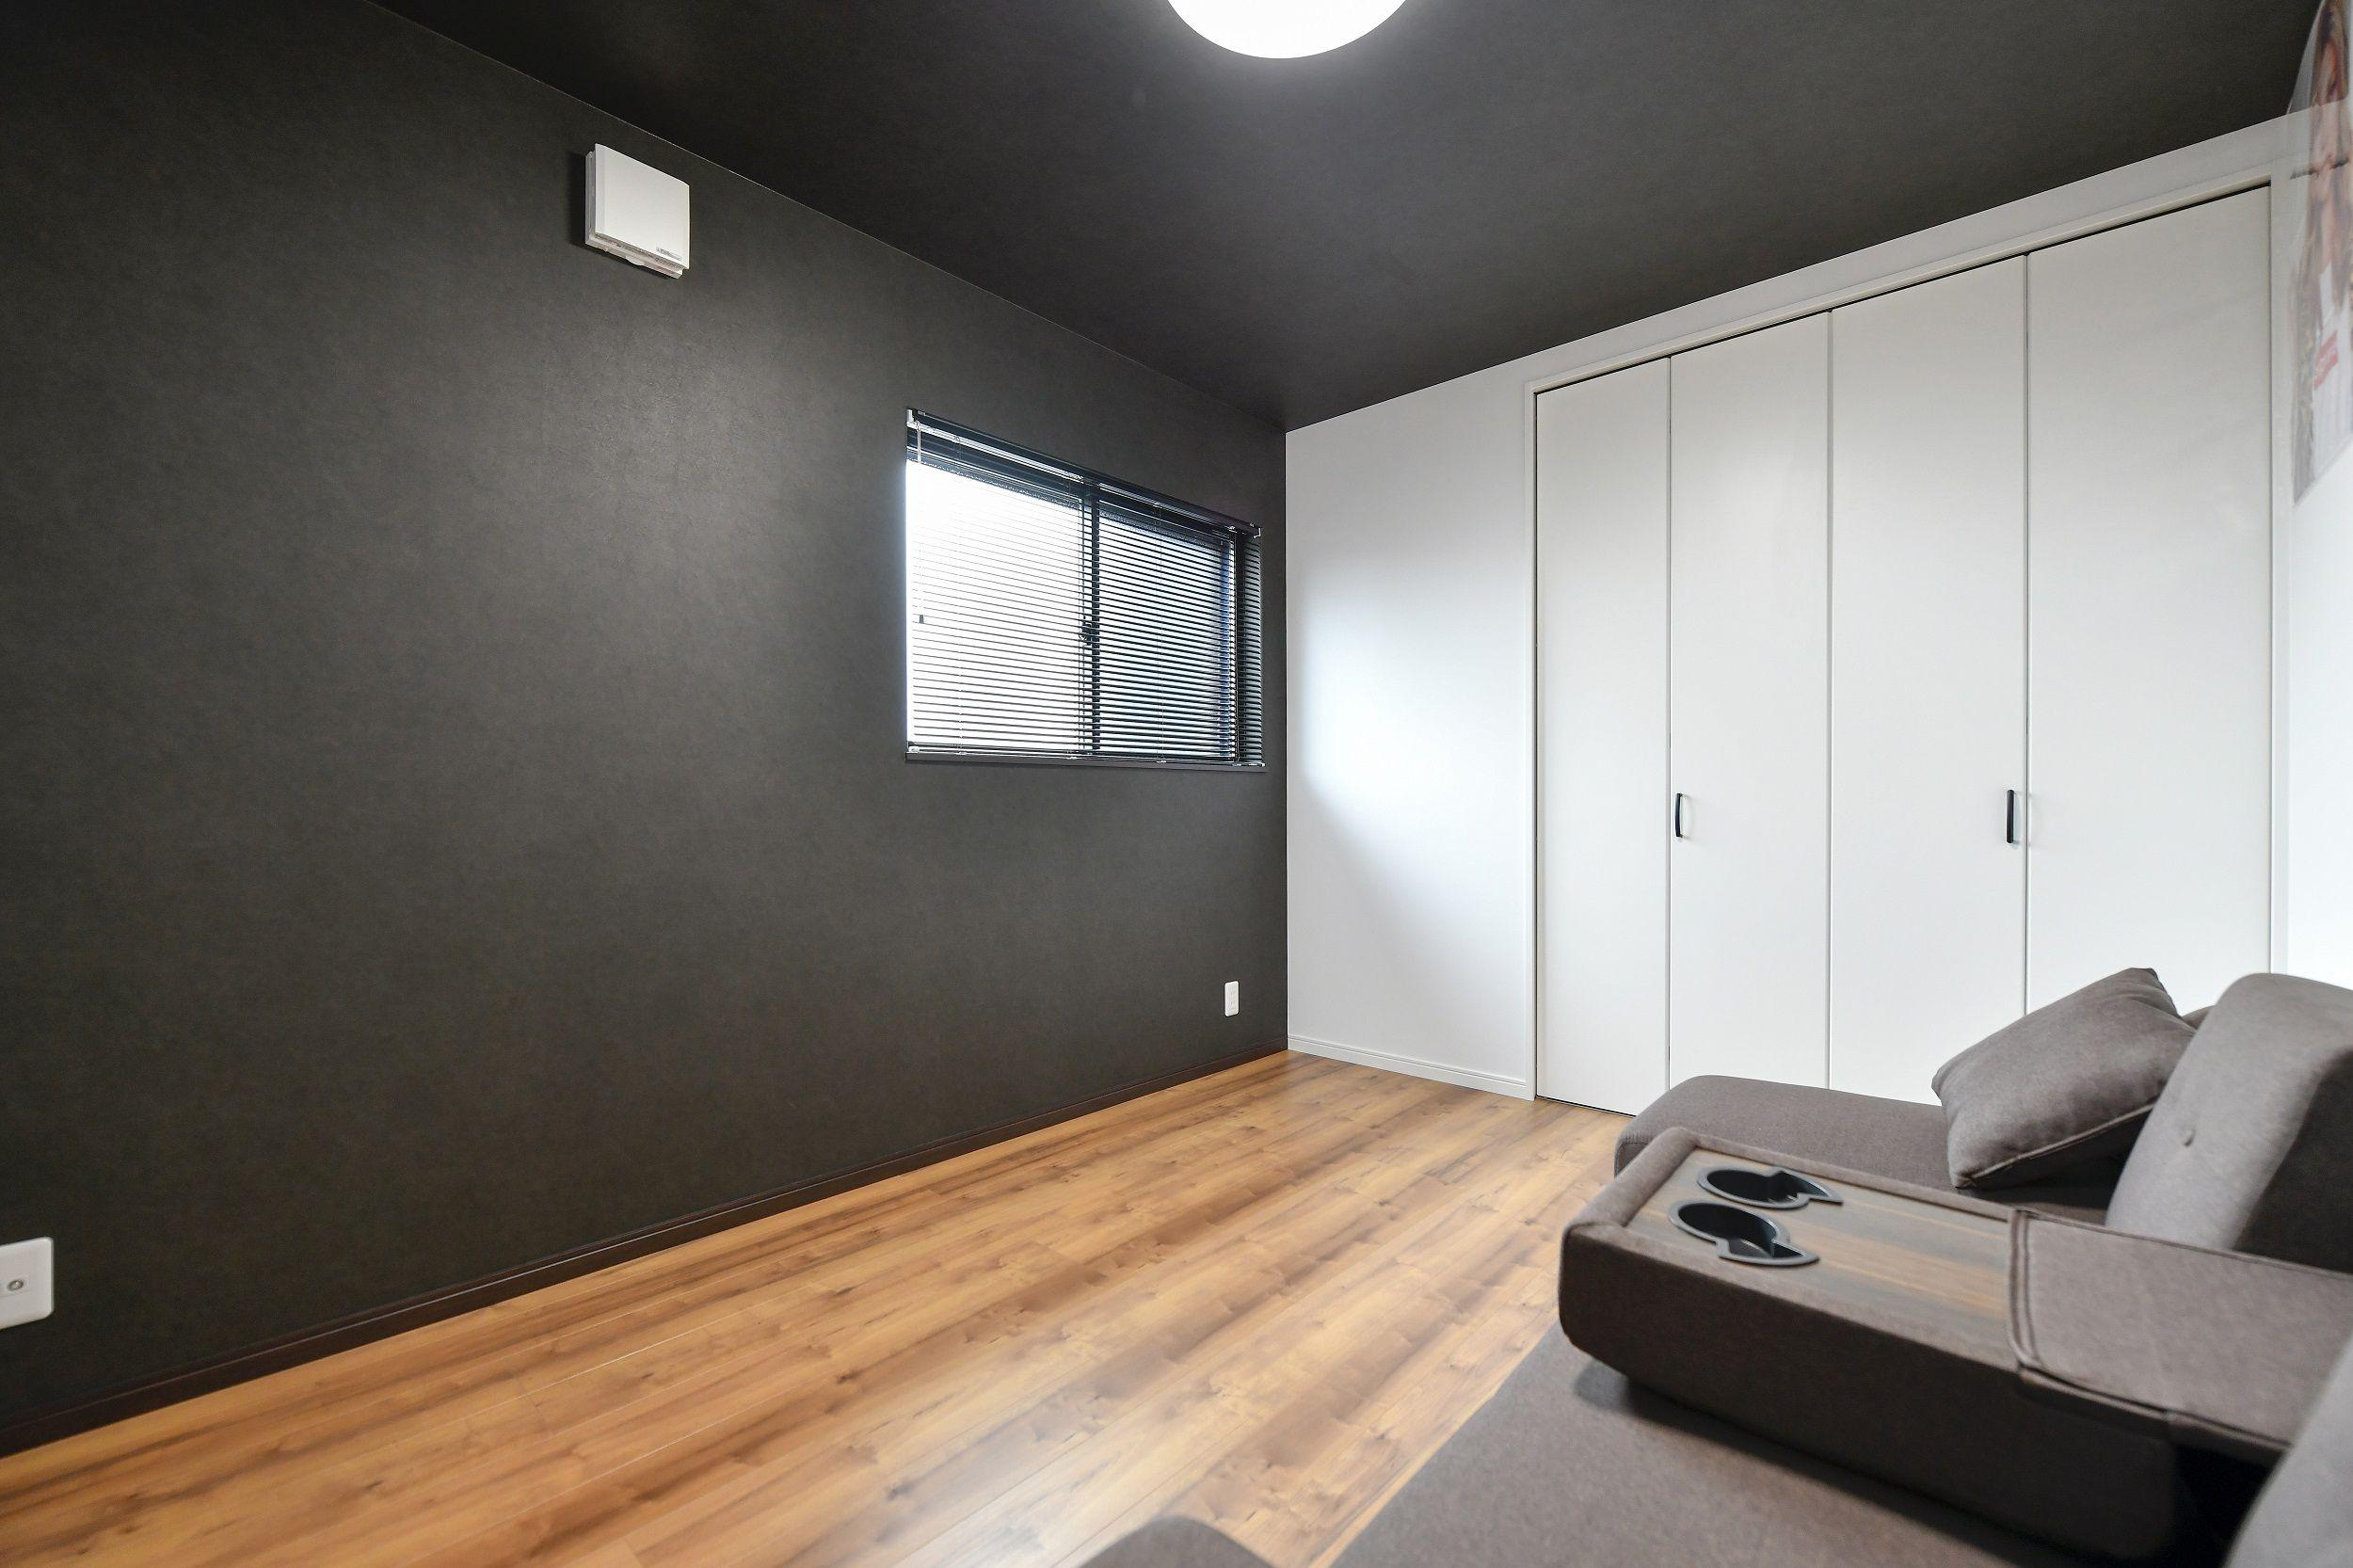 黒い壁紙の部屋 ホームインテリアデザイン かっこいい部屋 小さな家